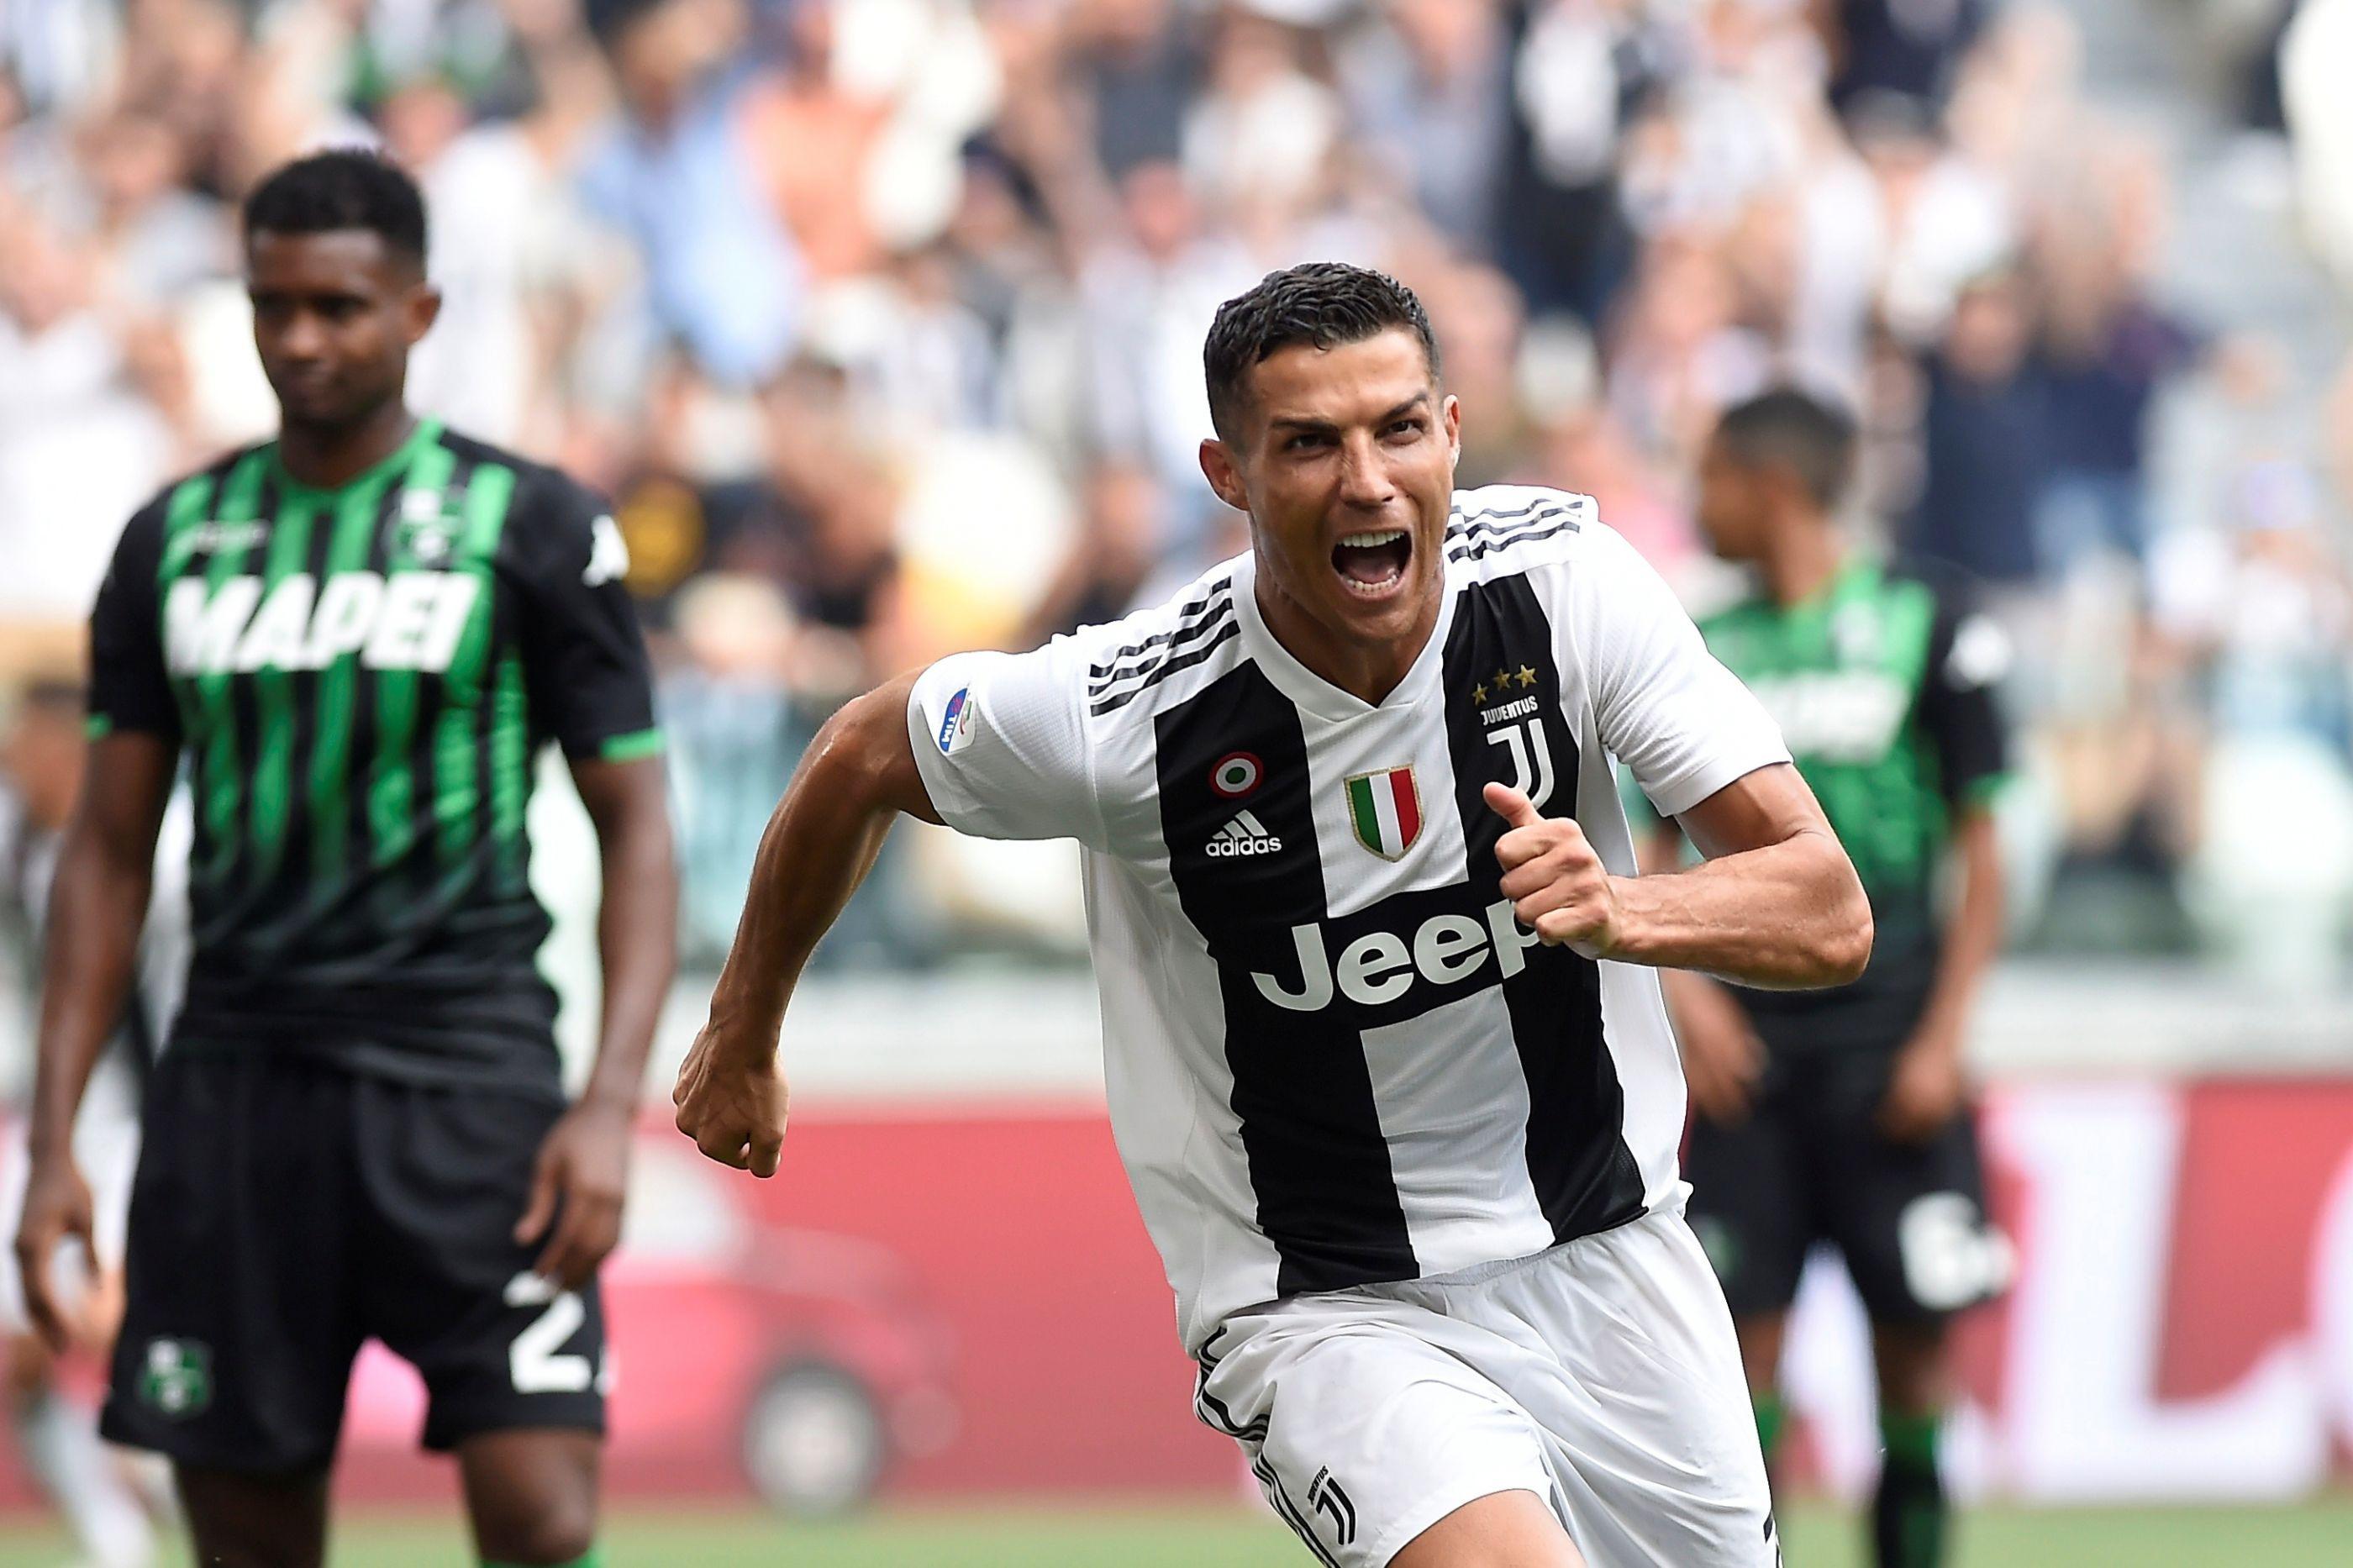 Juventus vence Sassuolo à boleia do bis de Ronaldo